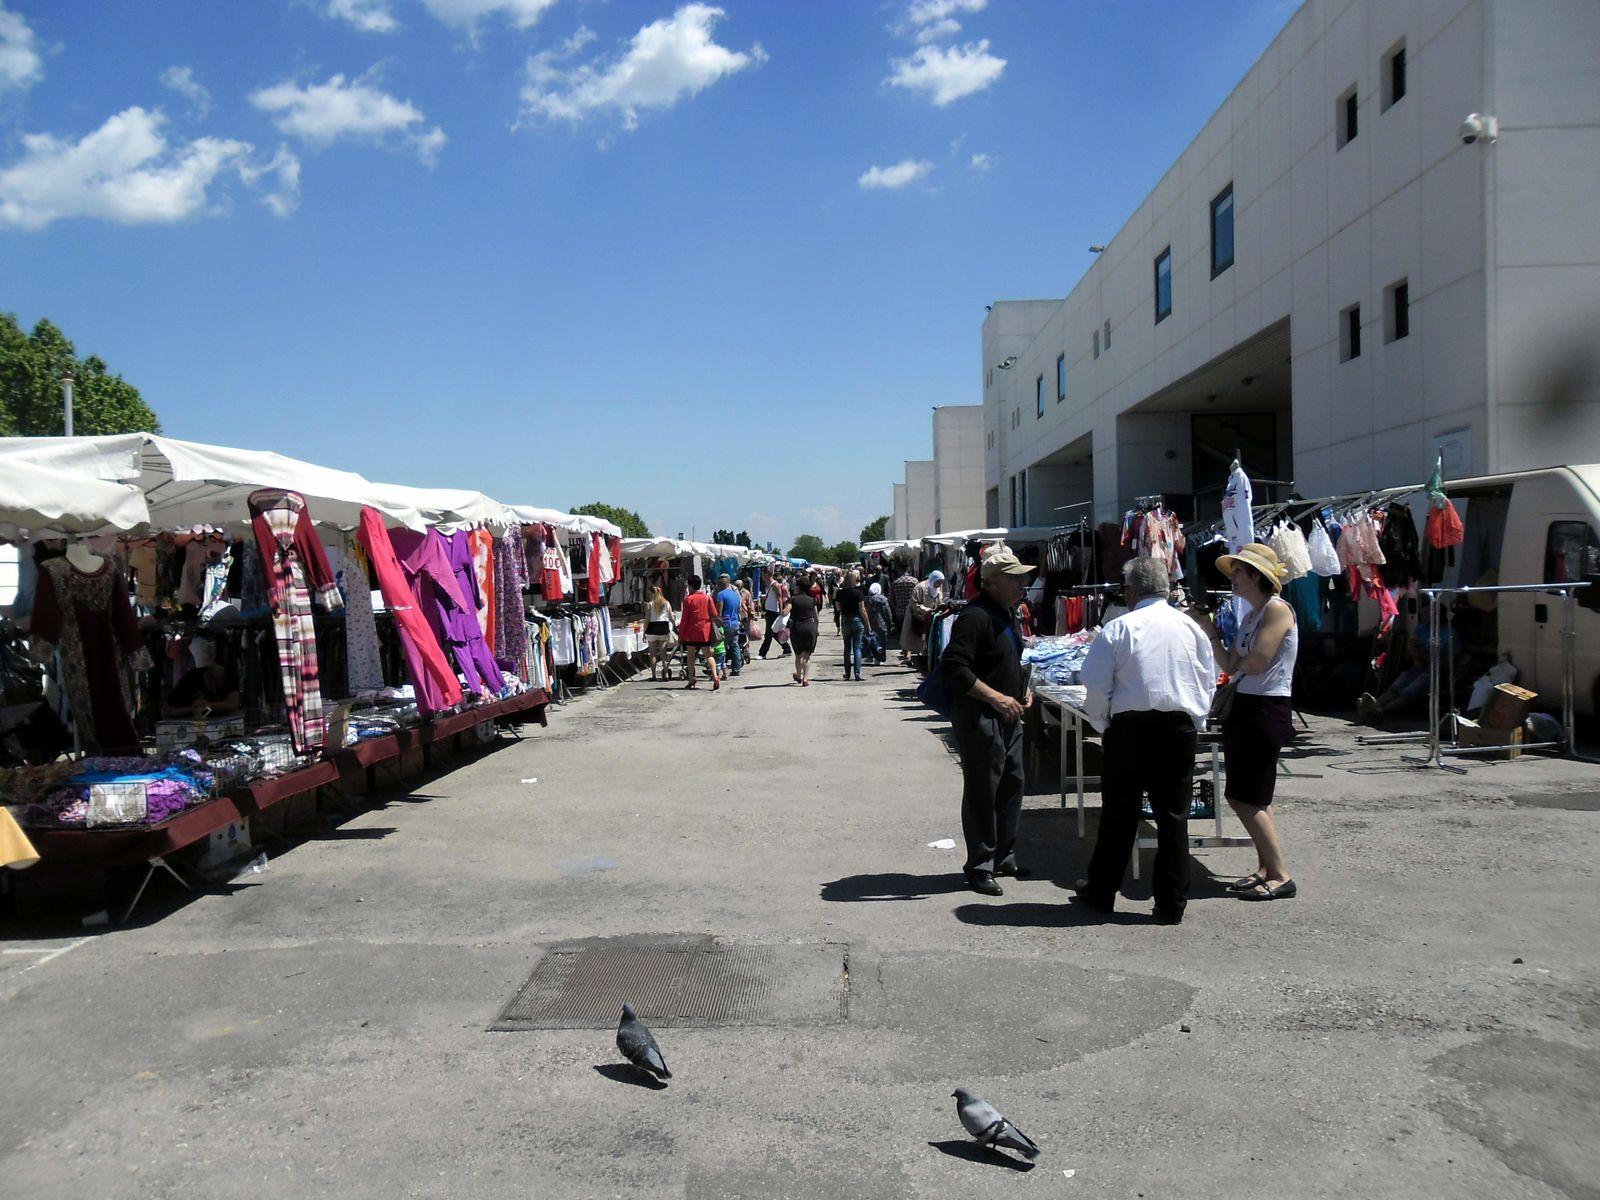 Un  marché cosmopolite et coloré au stade des Costières à NIMES.